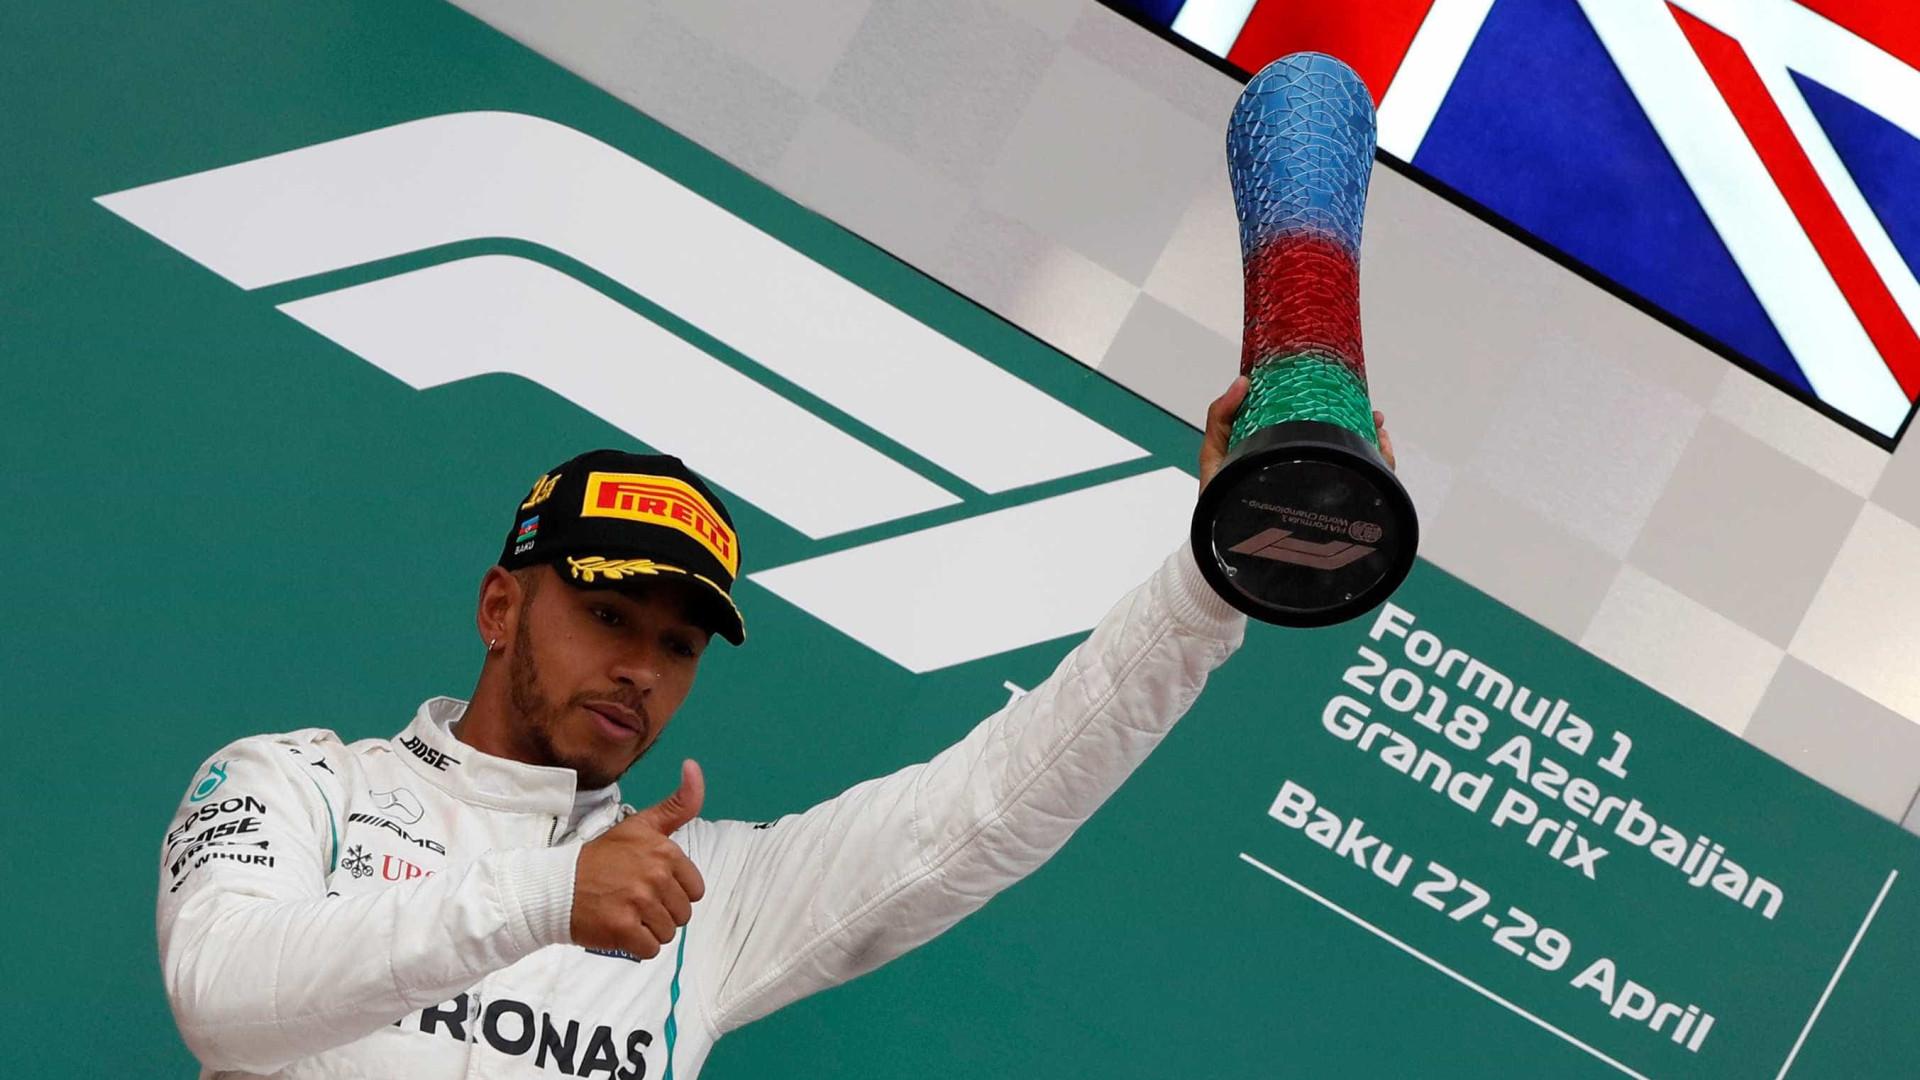 Hamilton vence GP do Azerbaijão e assume liderança